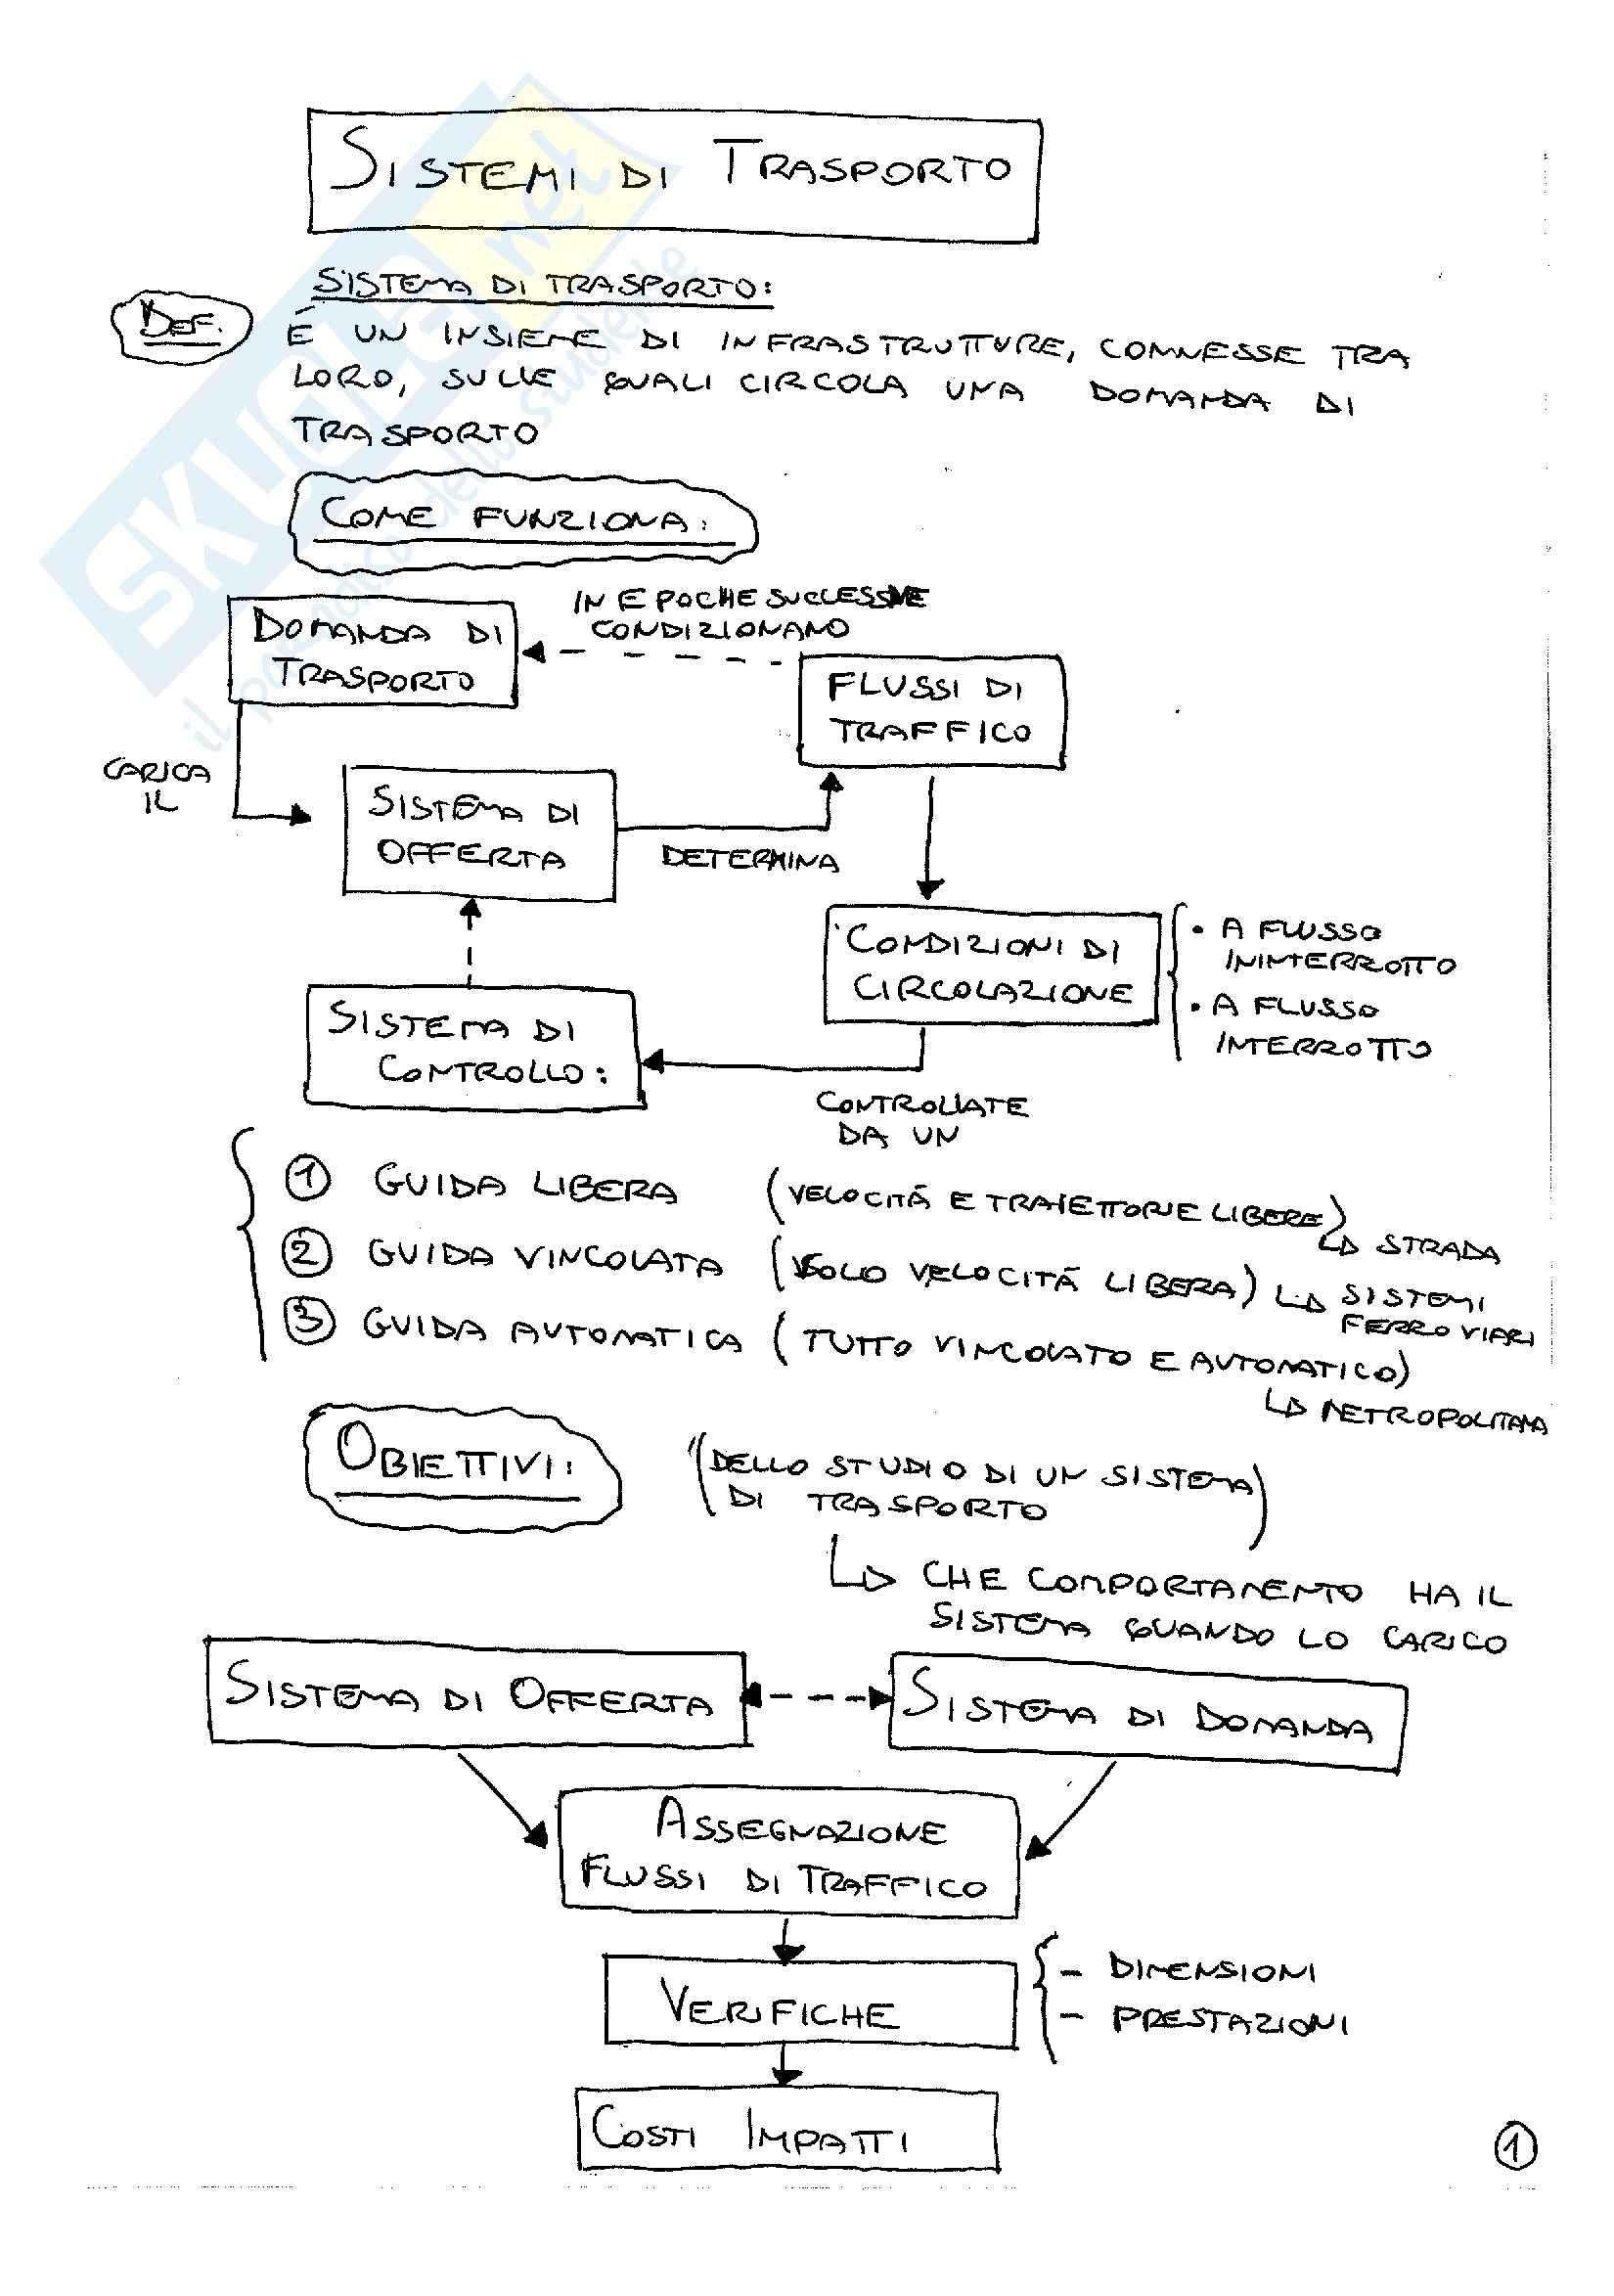 Teoria ed esercizi svolti, Sistemi di trasporto Pag. 1